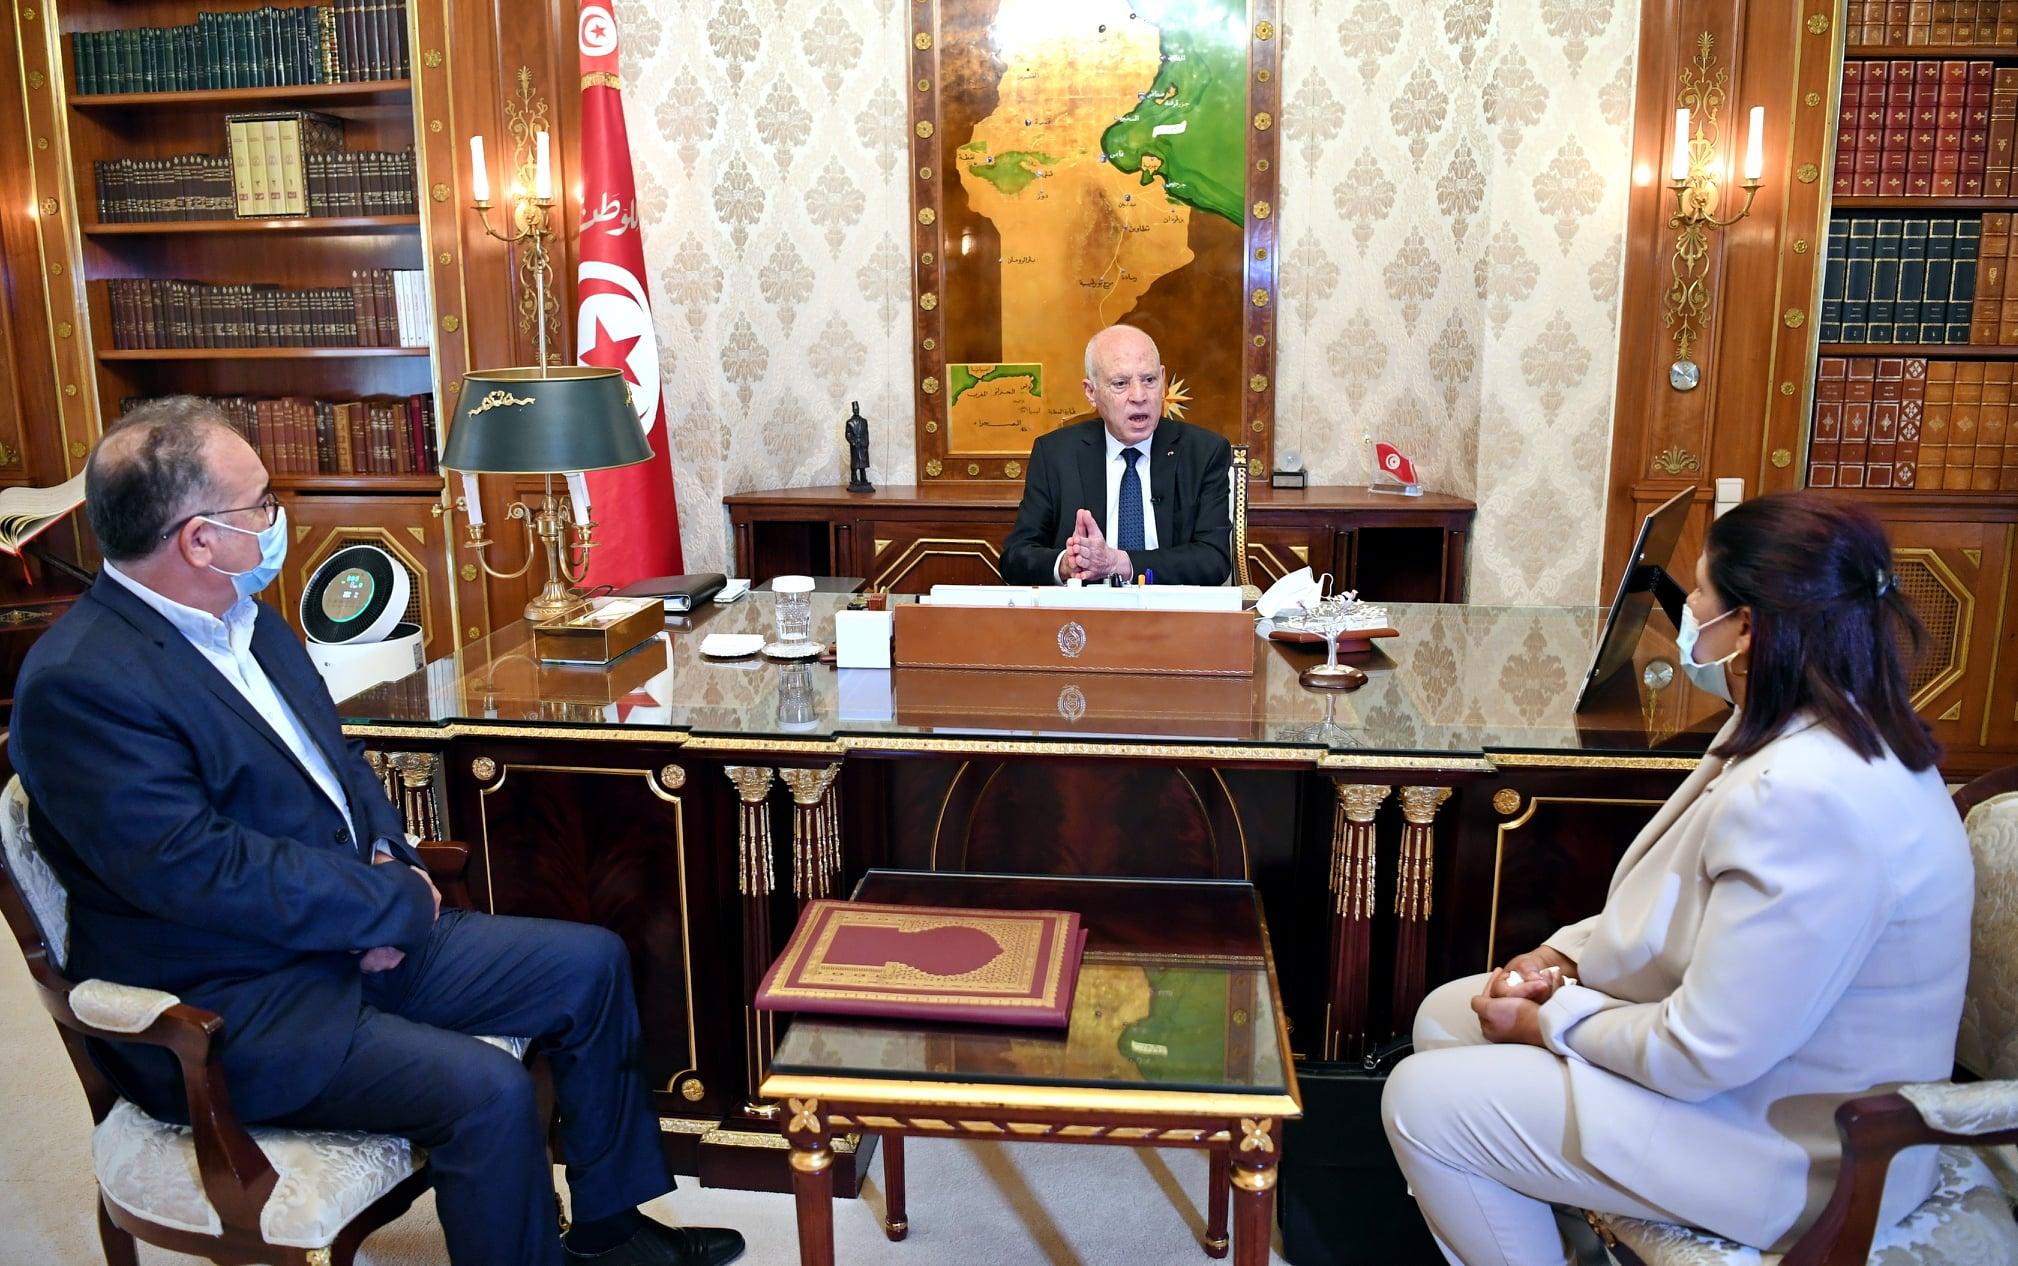 Tunisie : Le président reçoit le ministre des Affaires Sociales et la chargée de gestion du ministère des finances